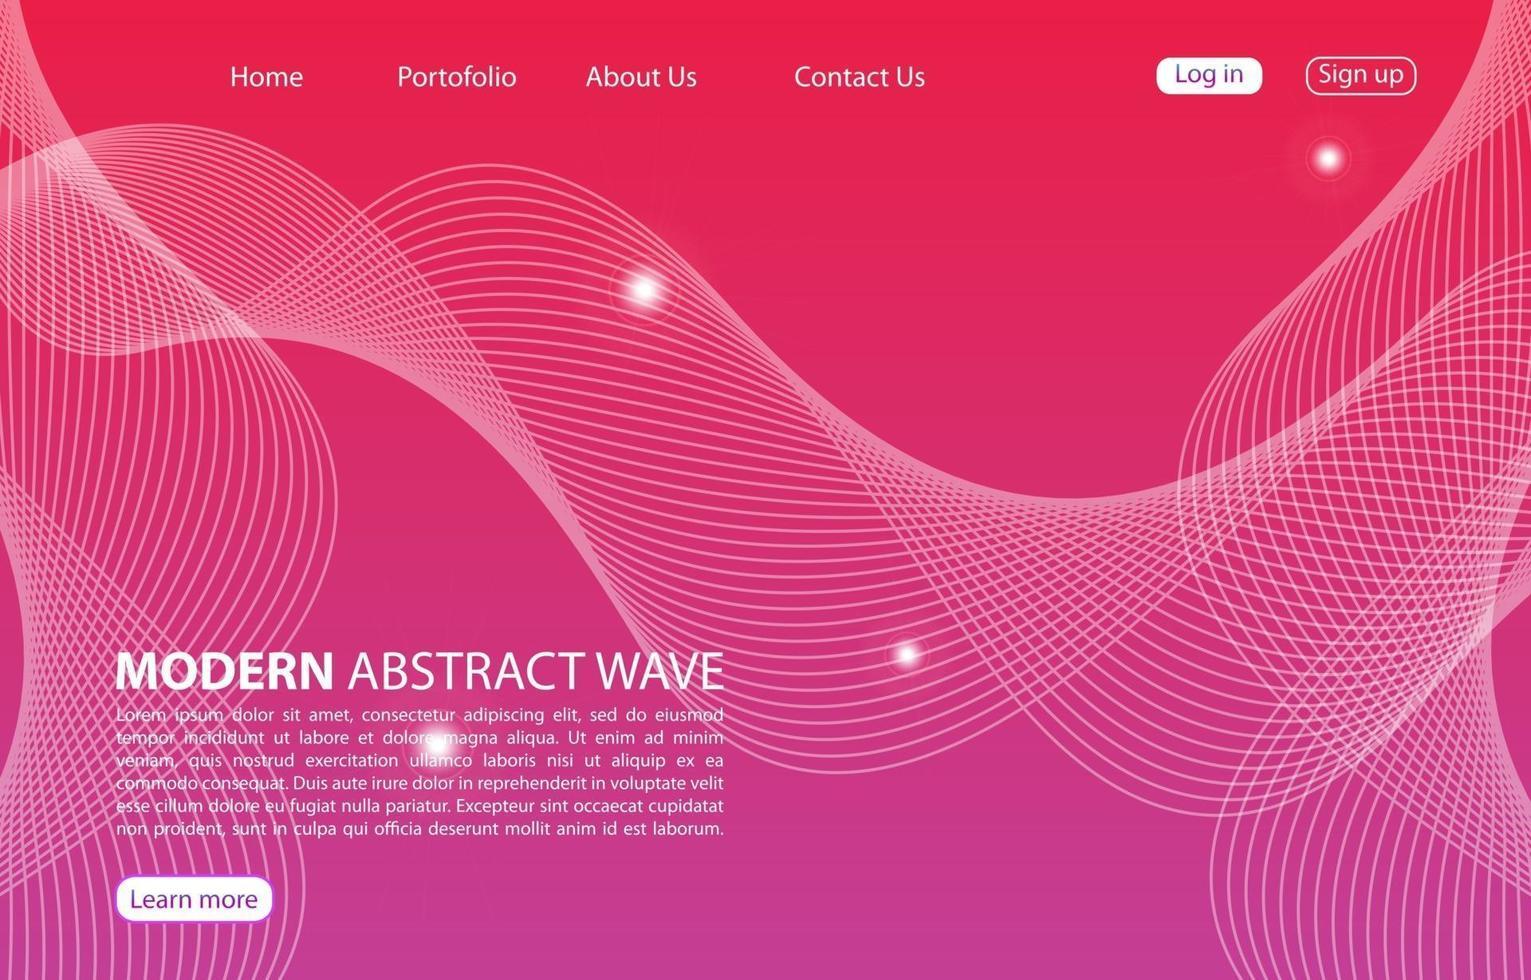 Zielseite. abstrakte Hintergrundwebsite. Vorlage für Websites oder Apps. modernes Design. abstrakter Vektorstilentwurf vektor